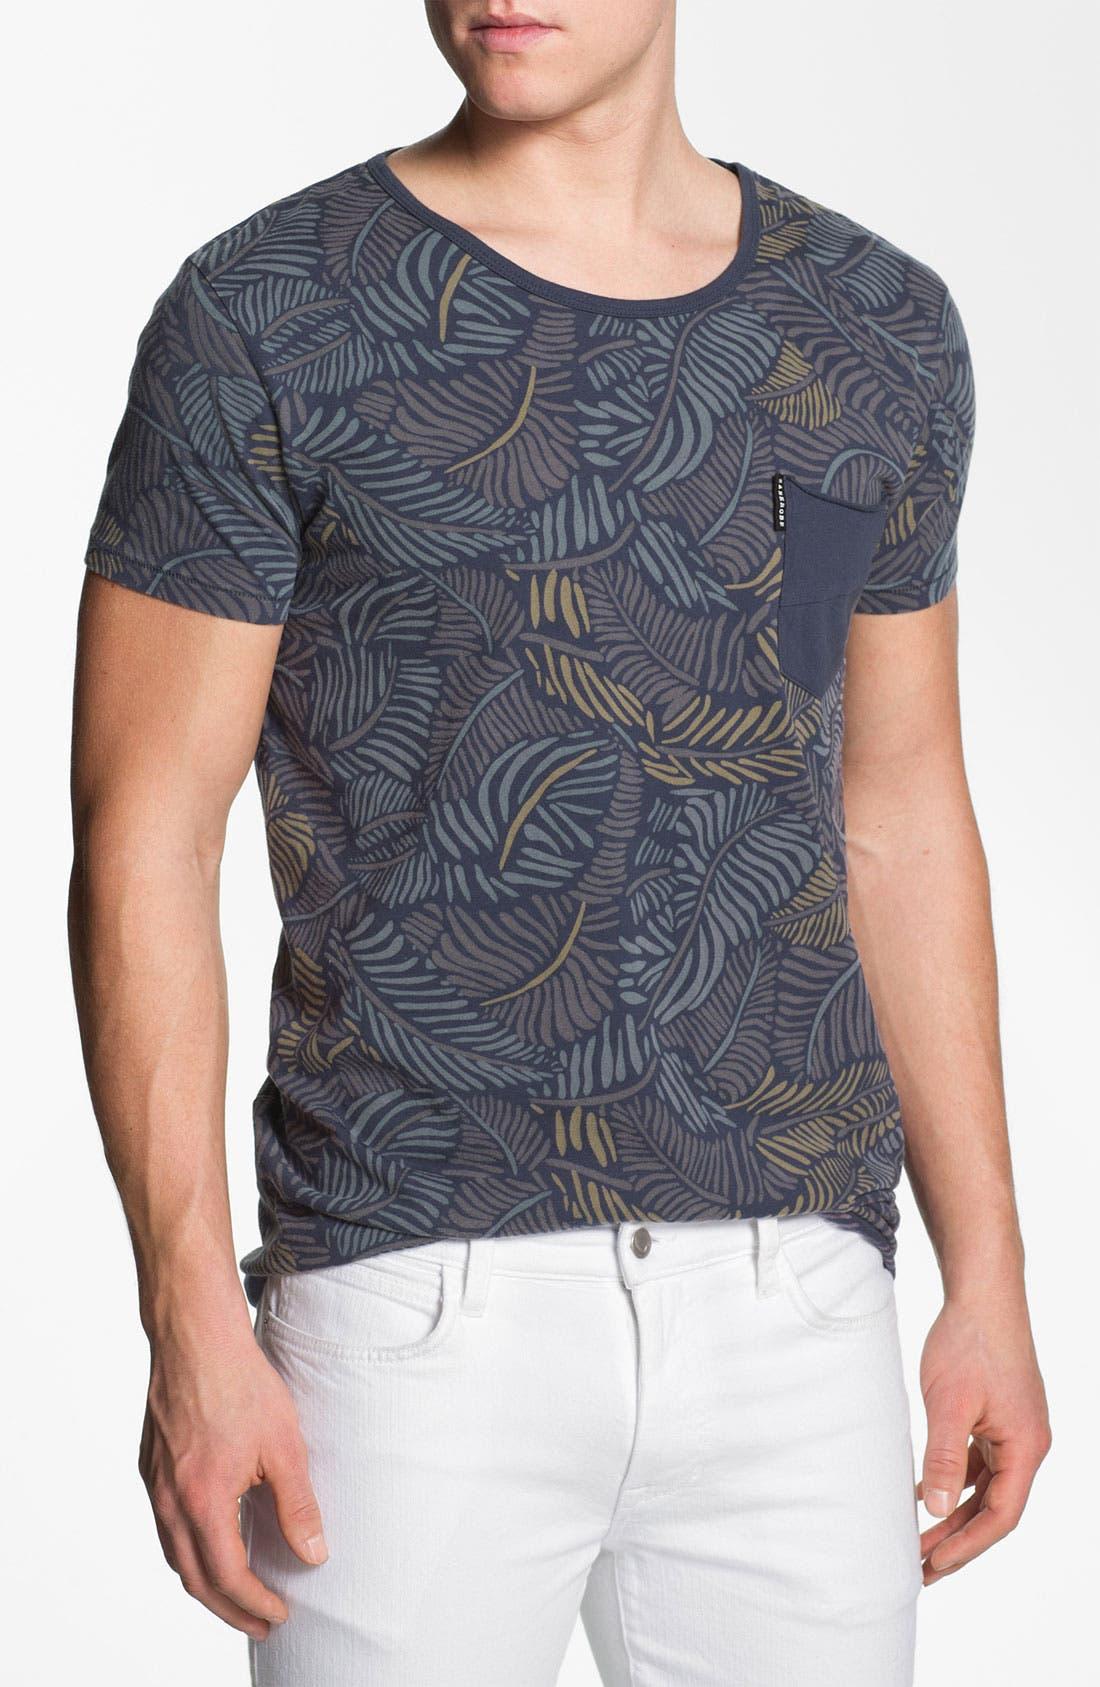 Main Image - Zanerobe 'Poleho' Allover Print Pocket T-Shirt